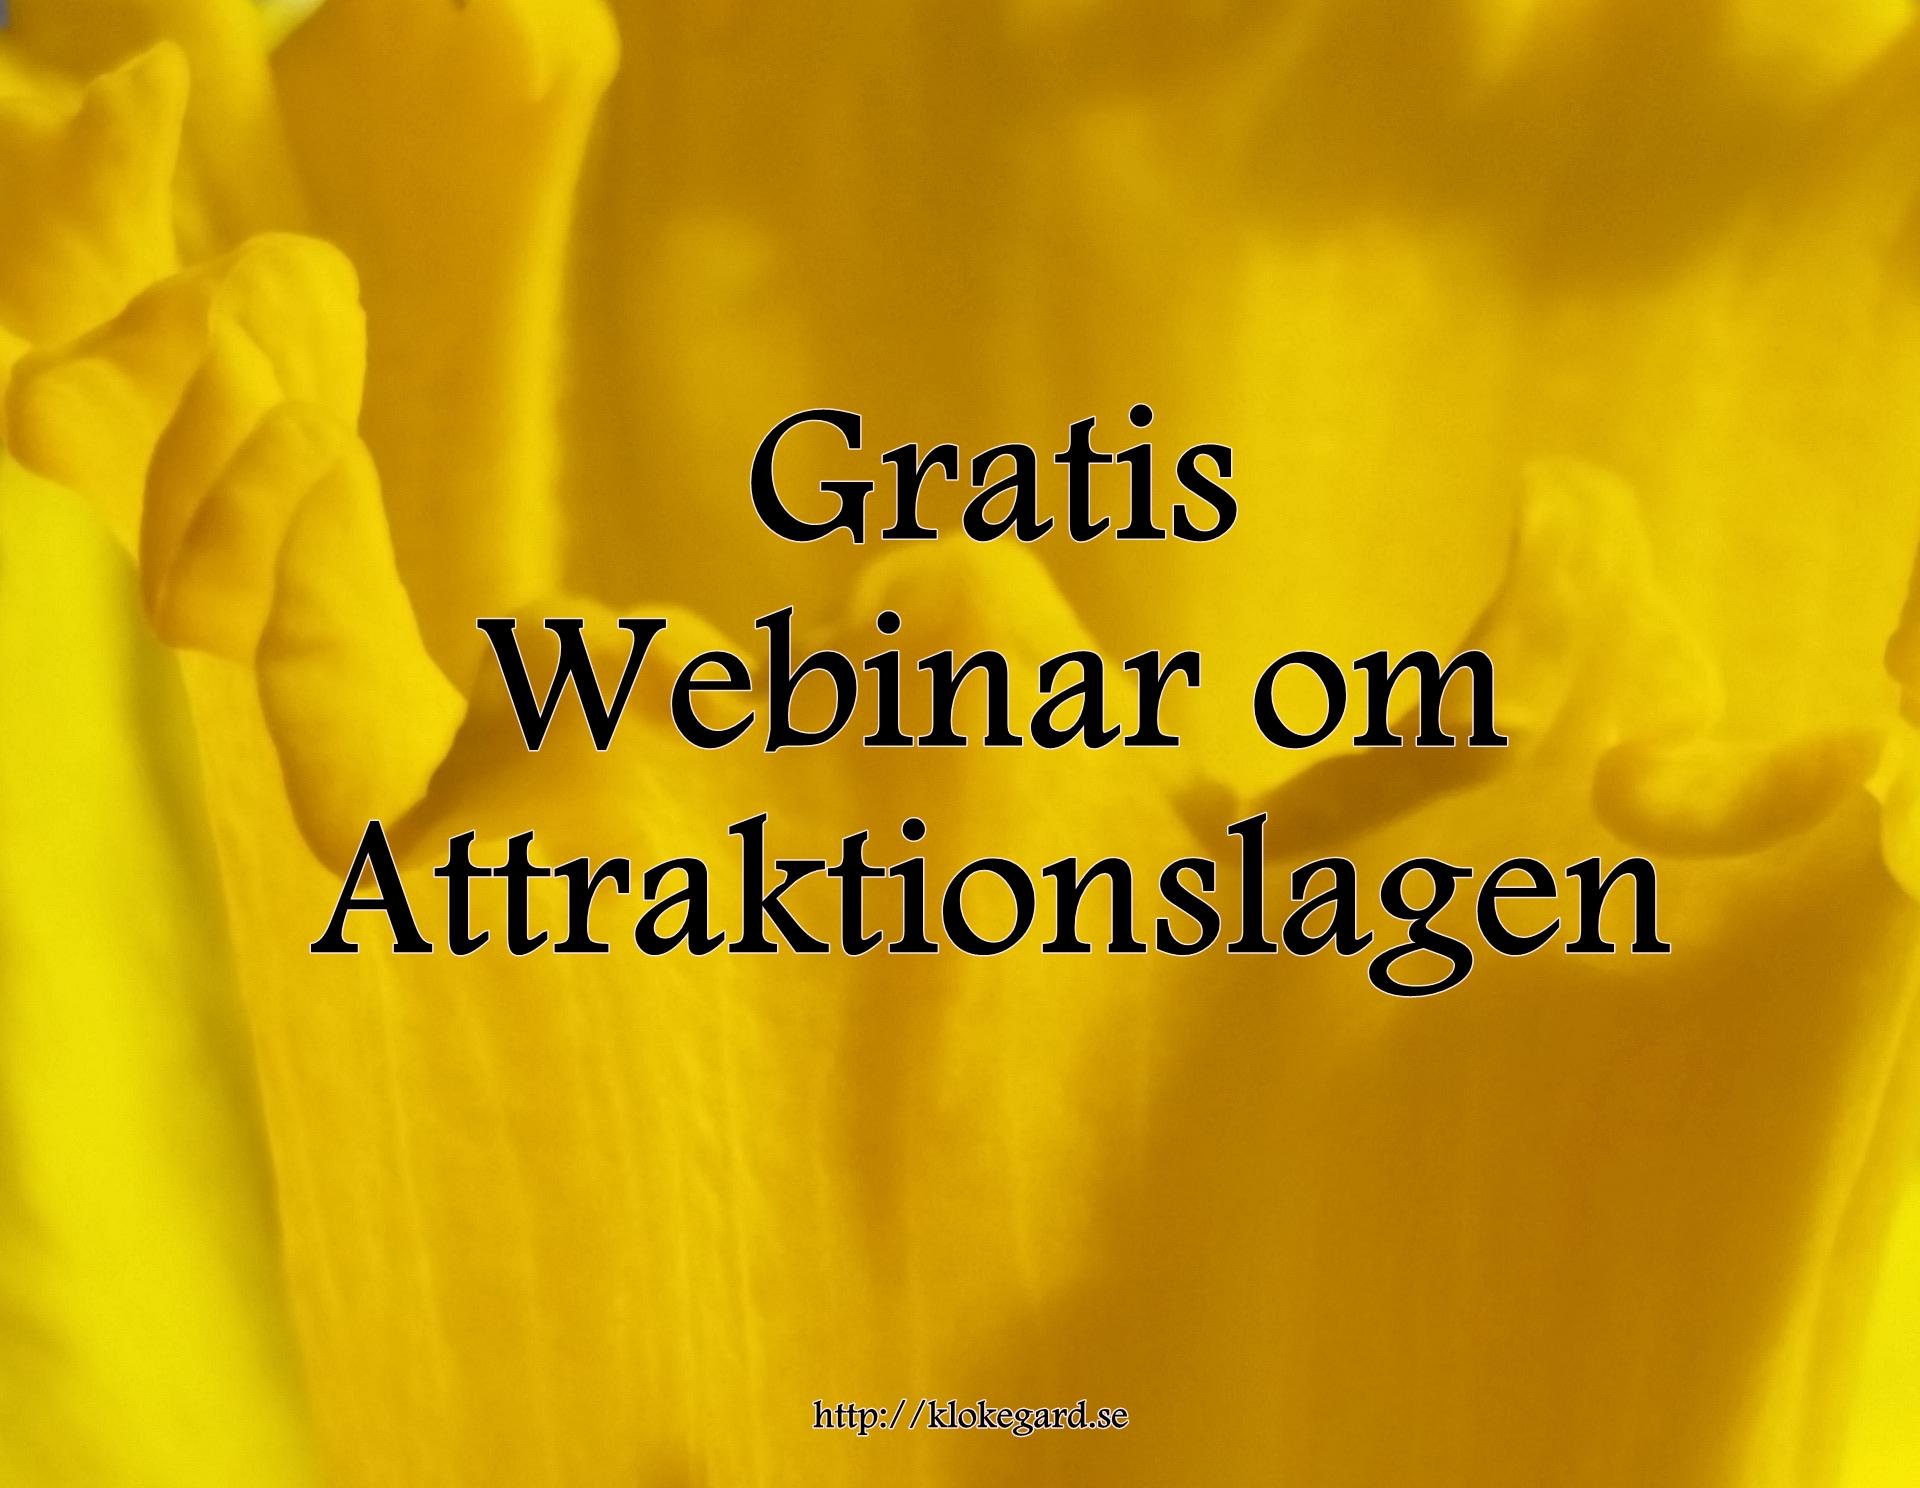 Gratis Webinar om Attraktionslagen varje onsdag